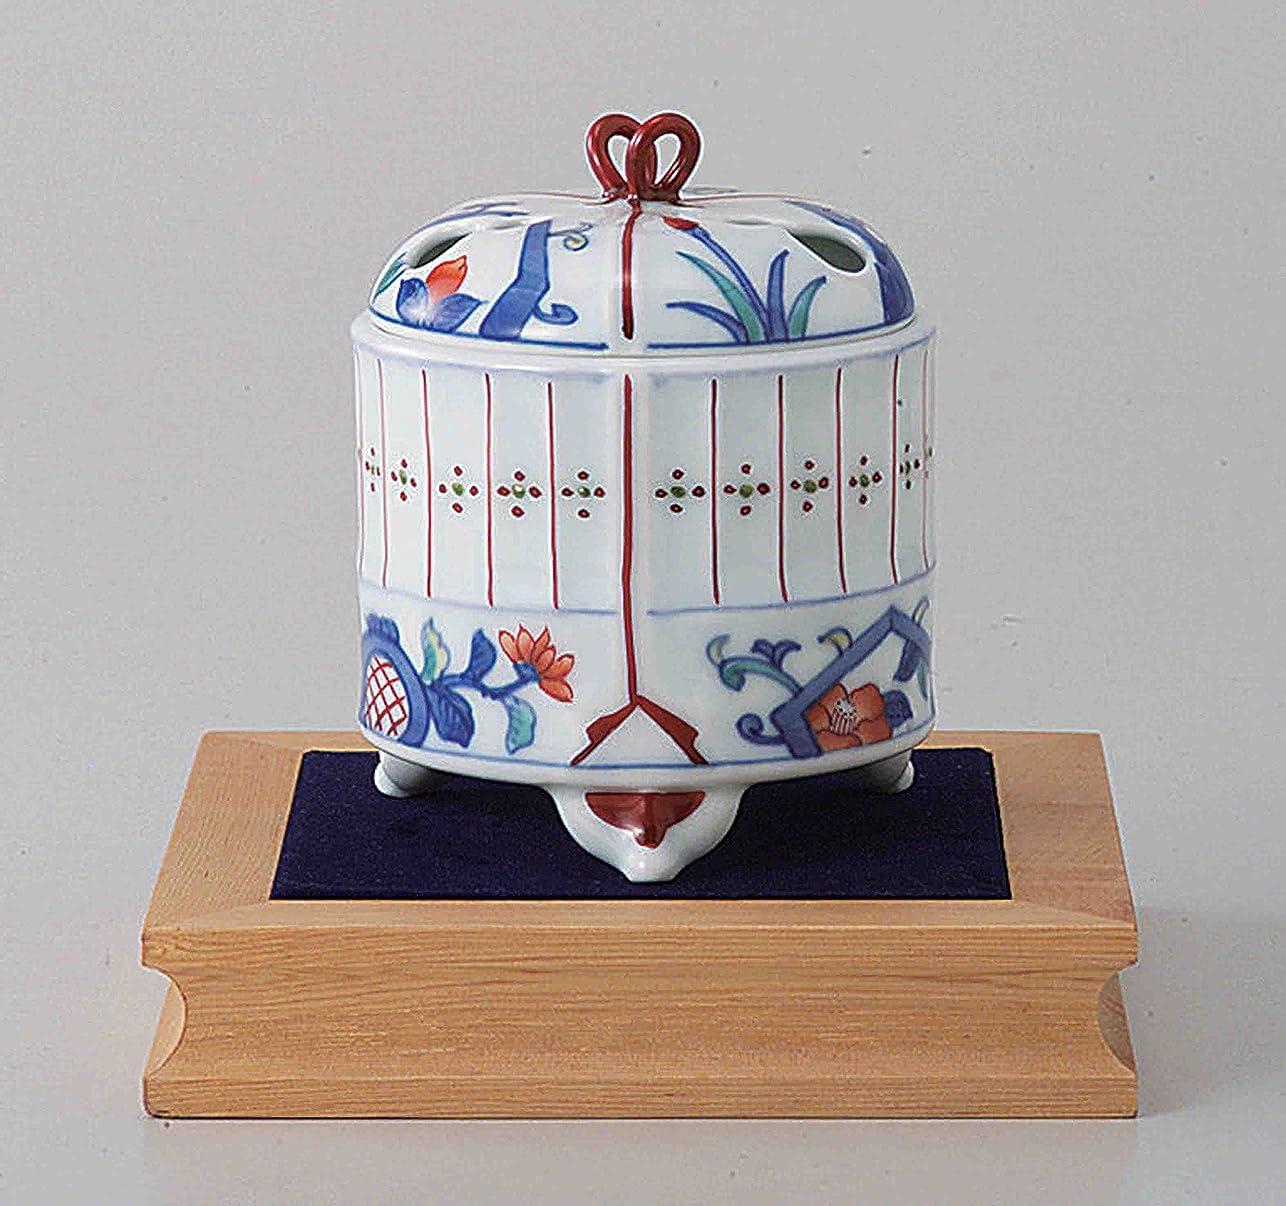 回る租界窒素東京抹茶Selection?–?[プレミアム] Arita Porcelain Cencer : Insectケージ?–?Incense BurnerホルダーWベース&ボックス日本から[ EMSで発送標準: withトラッキング&保険]